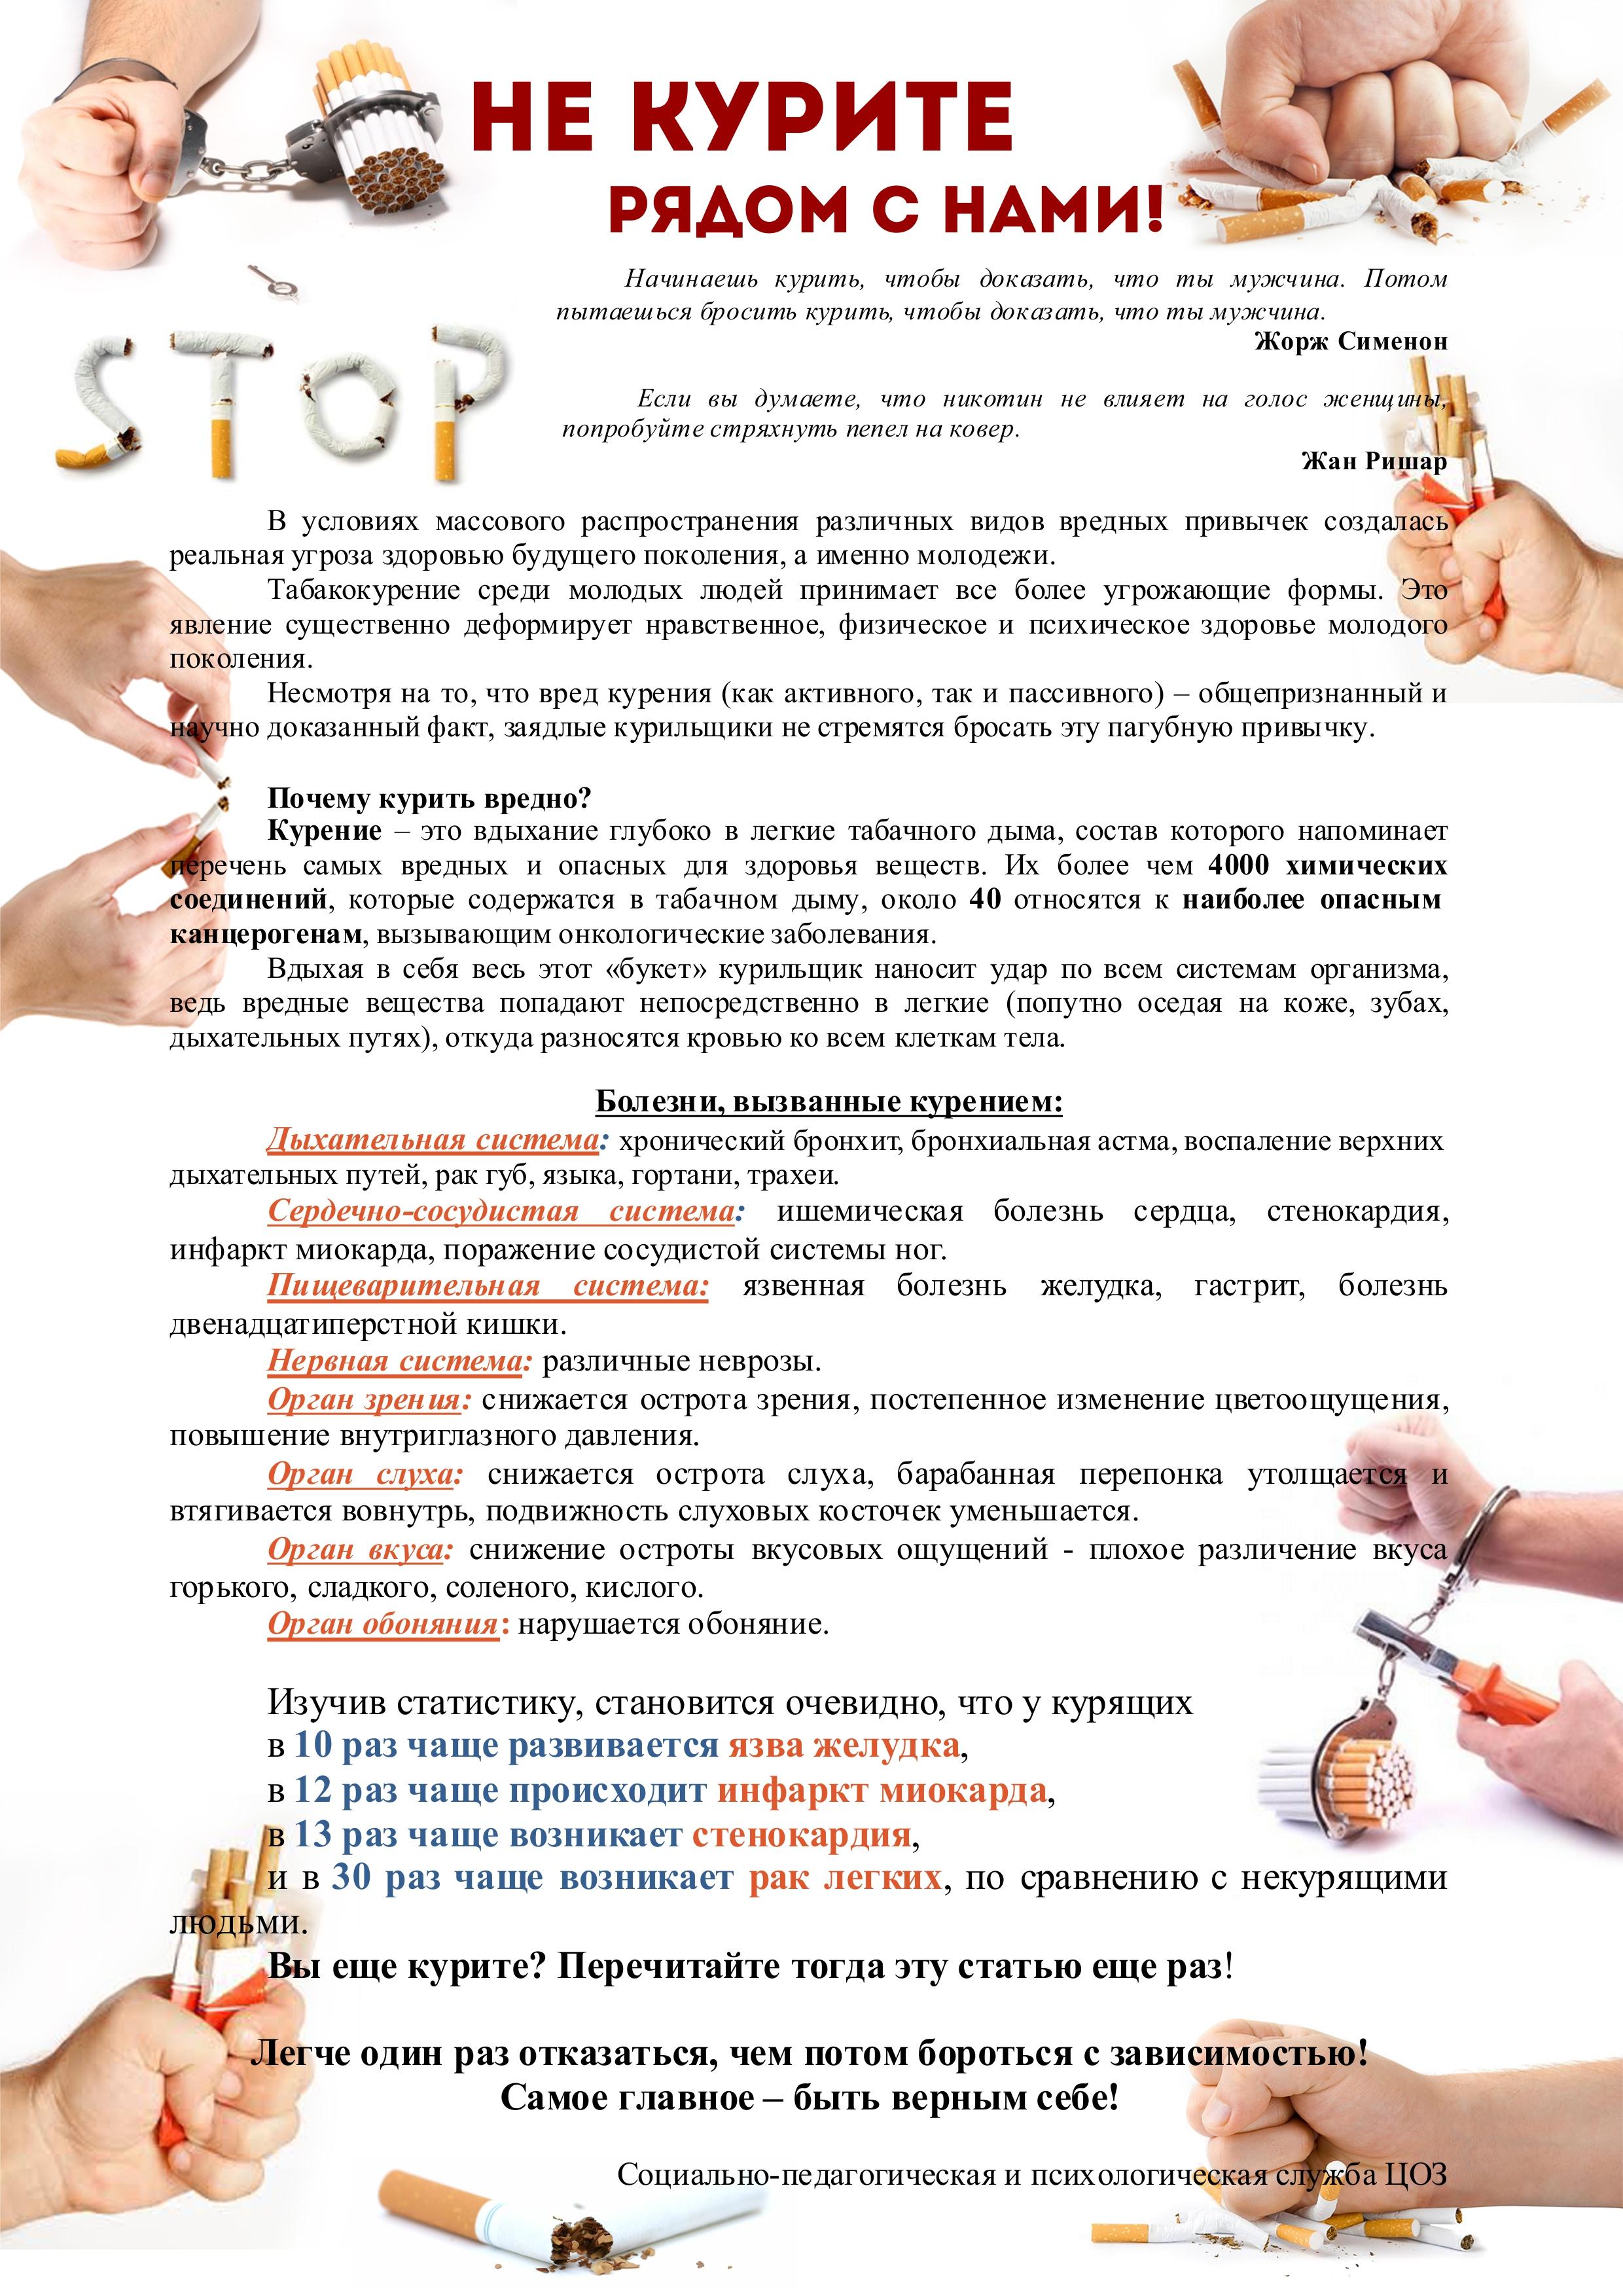 Дать объявление в информационно-аналитический бюллетень конкурсные торги доска объявлений детского сада фото